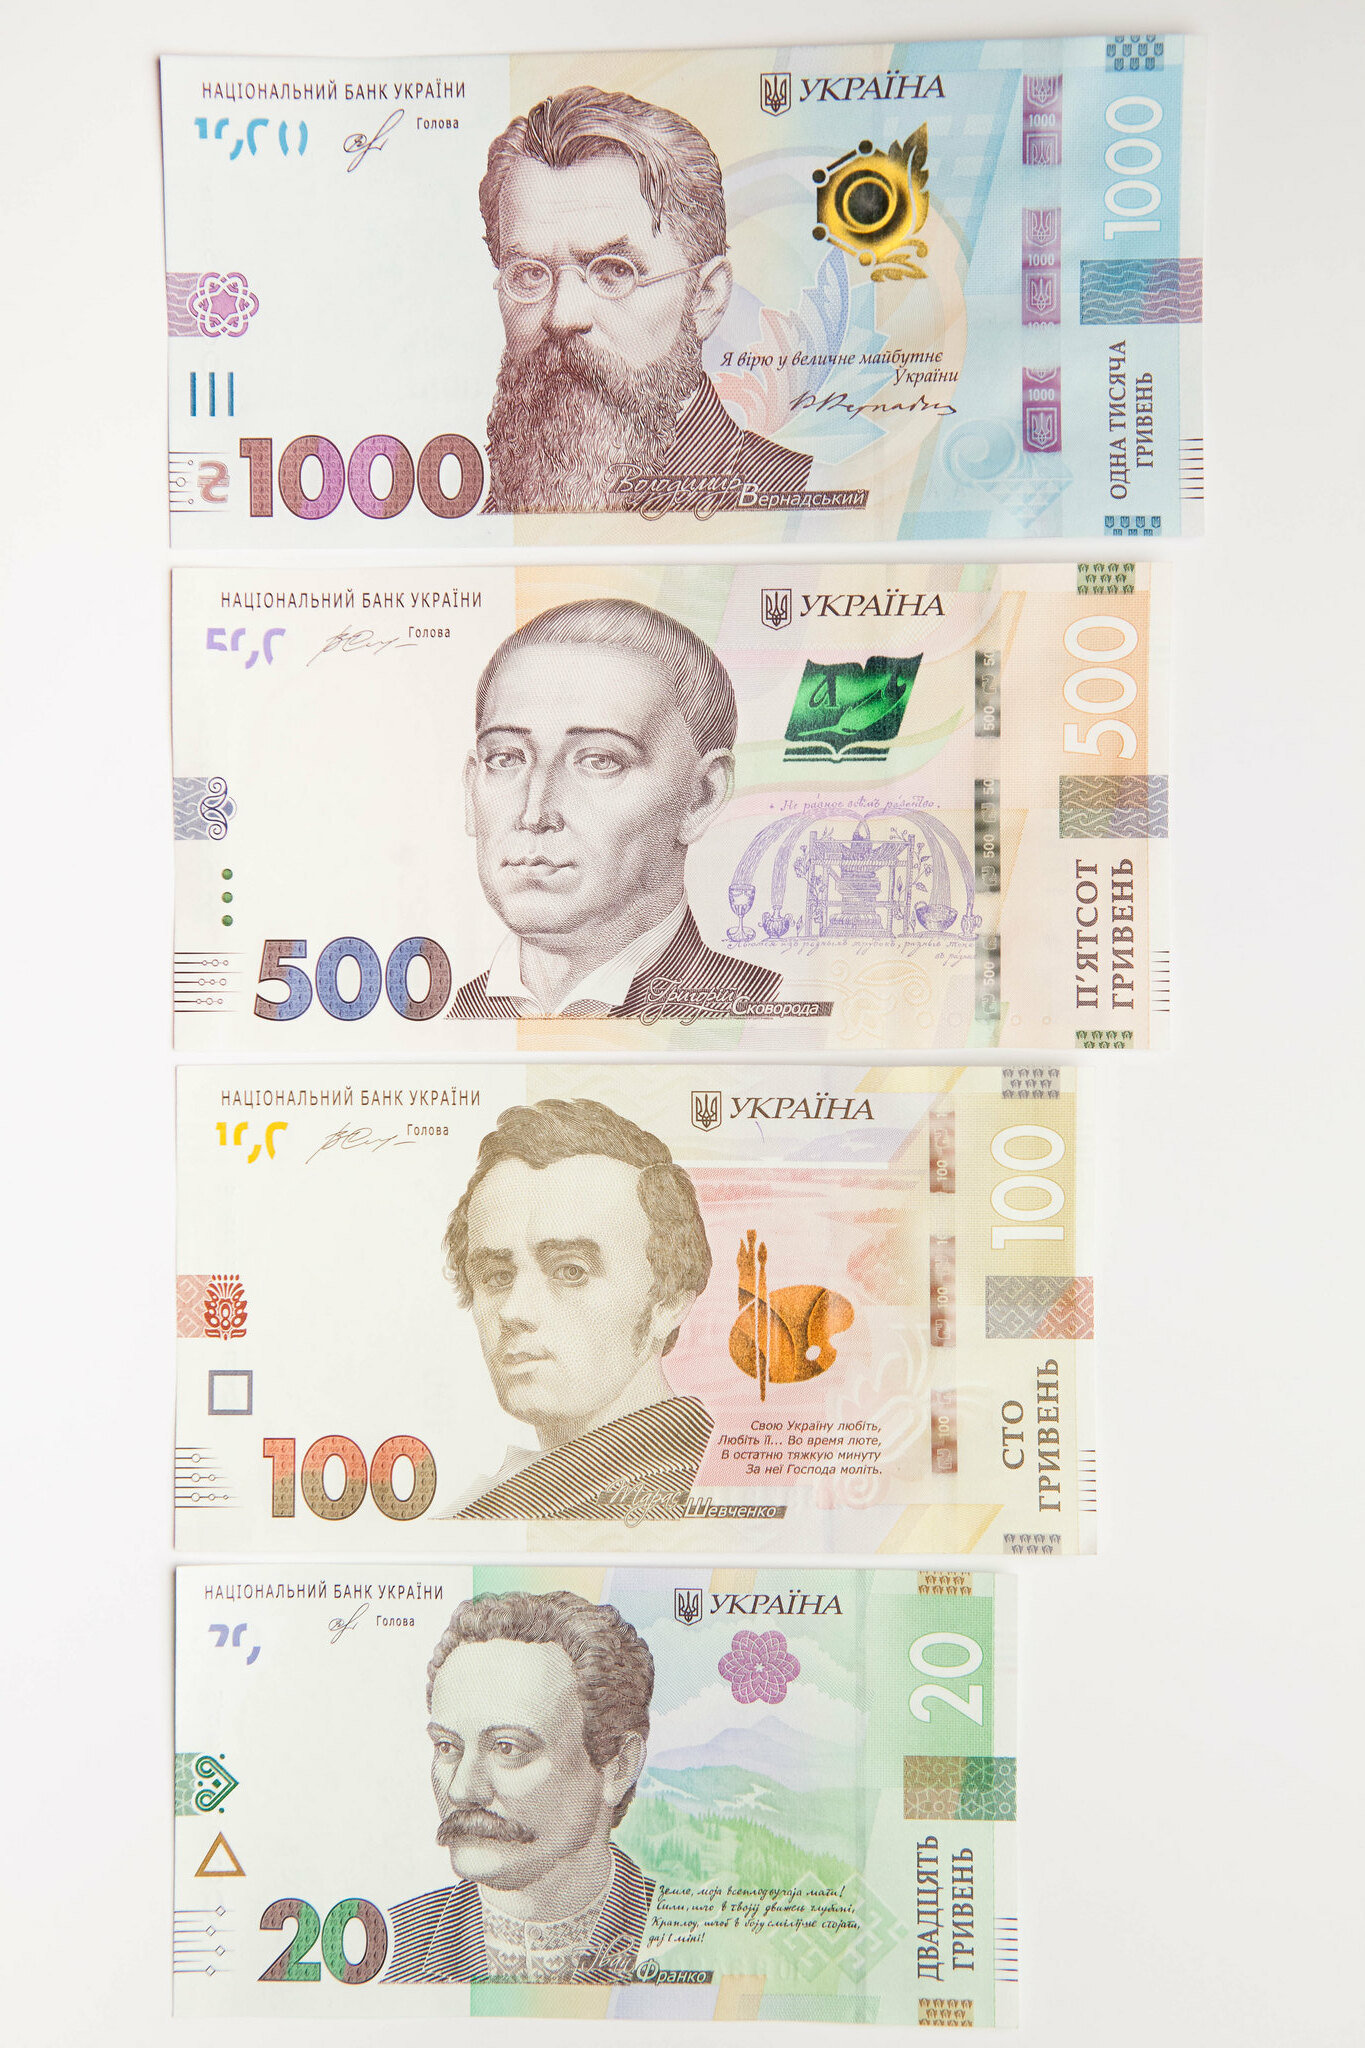 До уваги білоцерківців: Нацбанк вводить в обіг 1000-гривневу купюру, фото-3